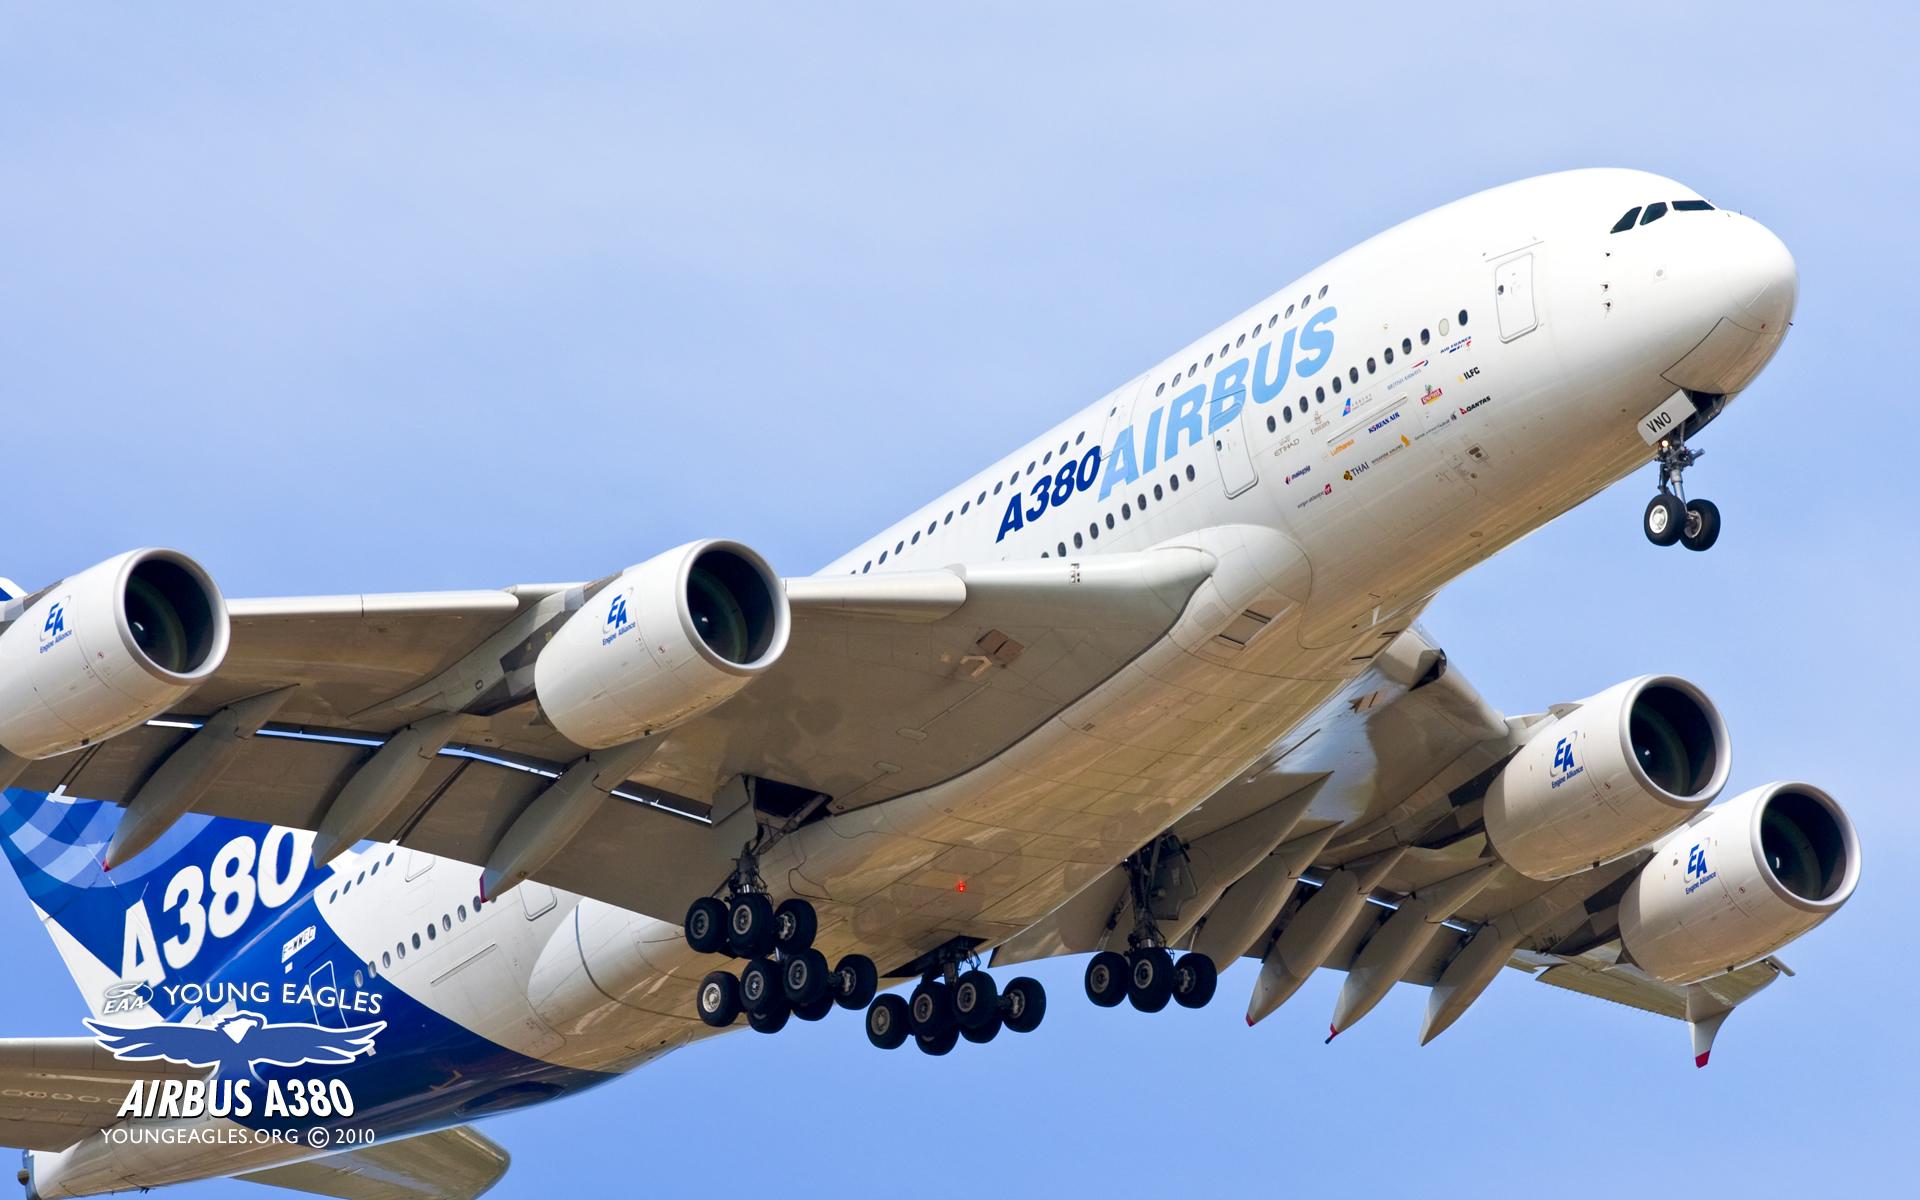 Harmadik negyedéves jelentéssel jött ki az Airbus